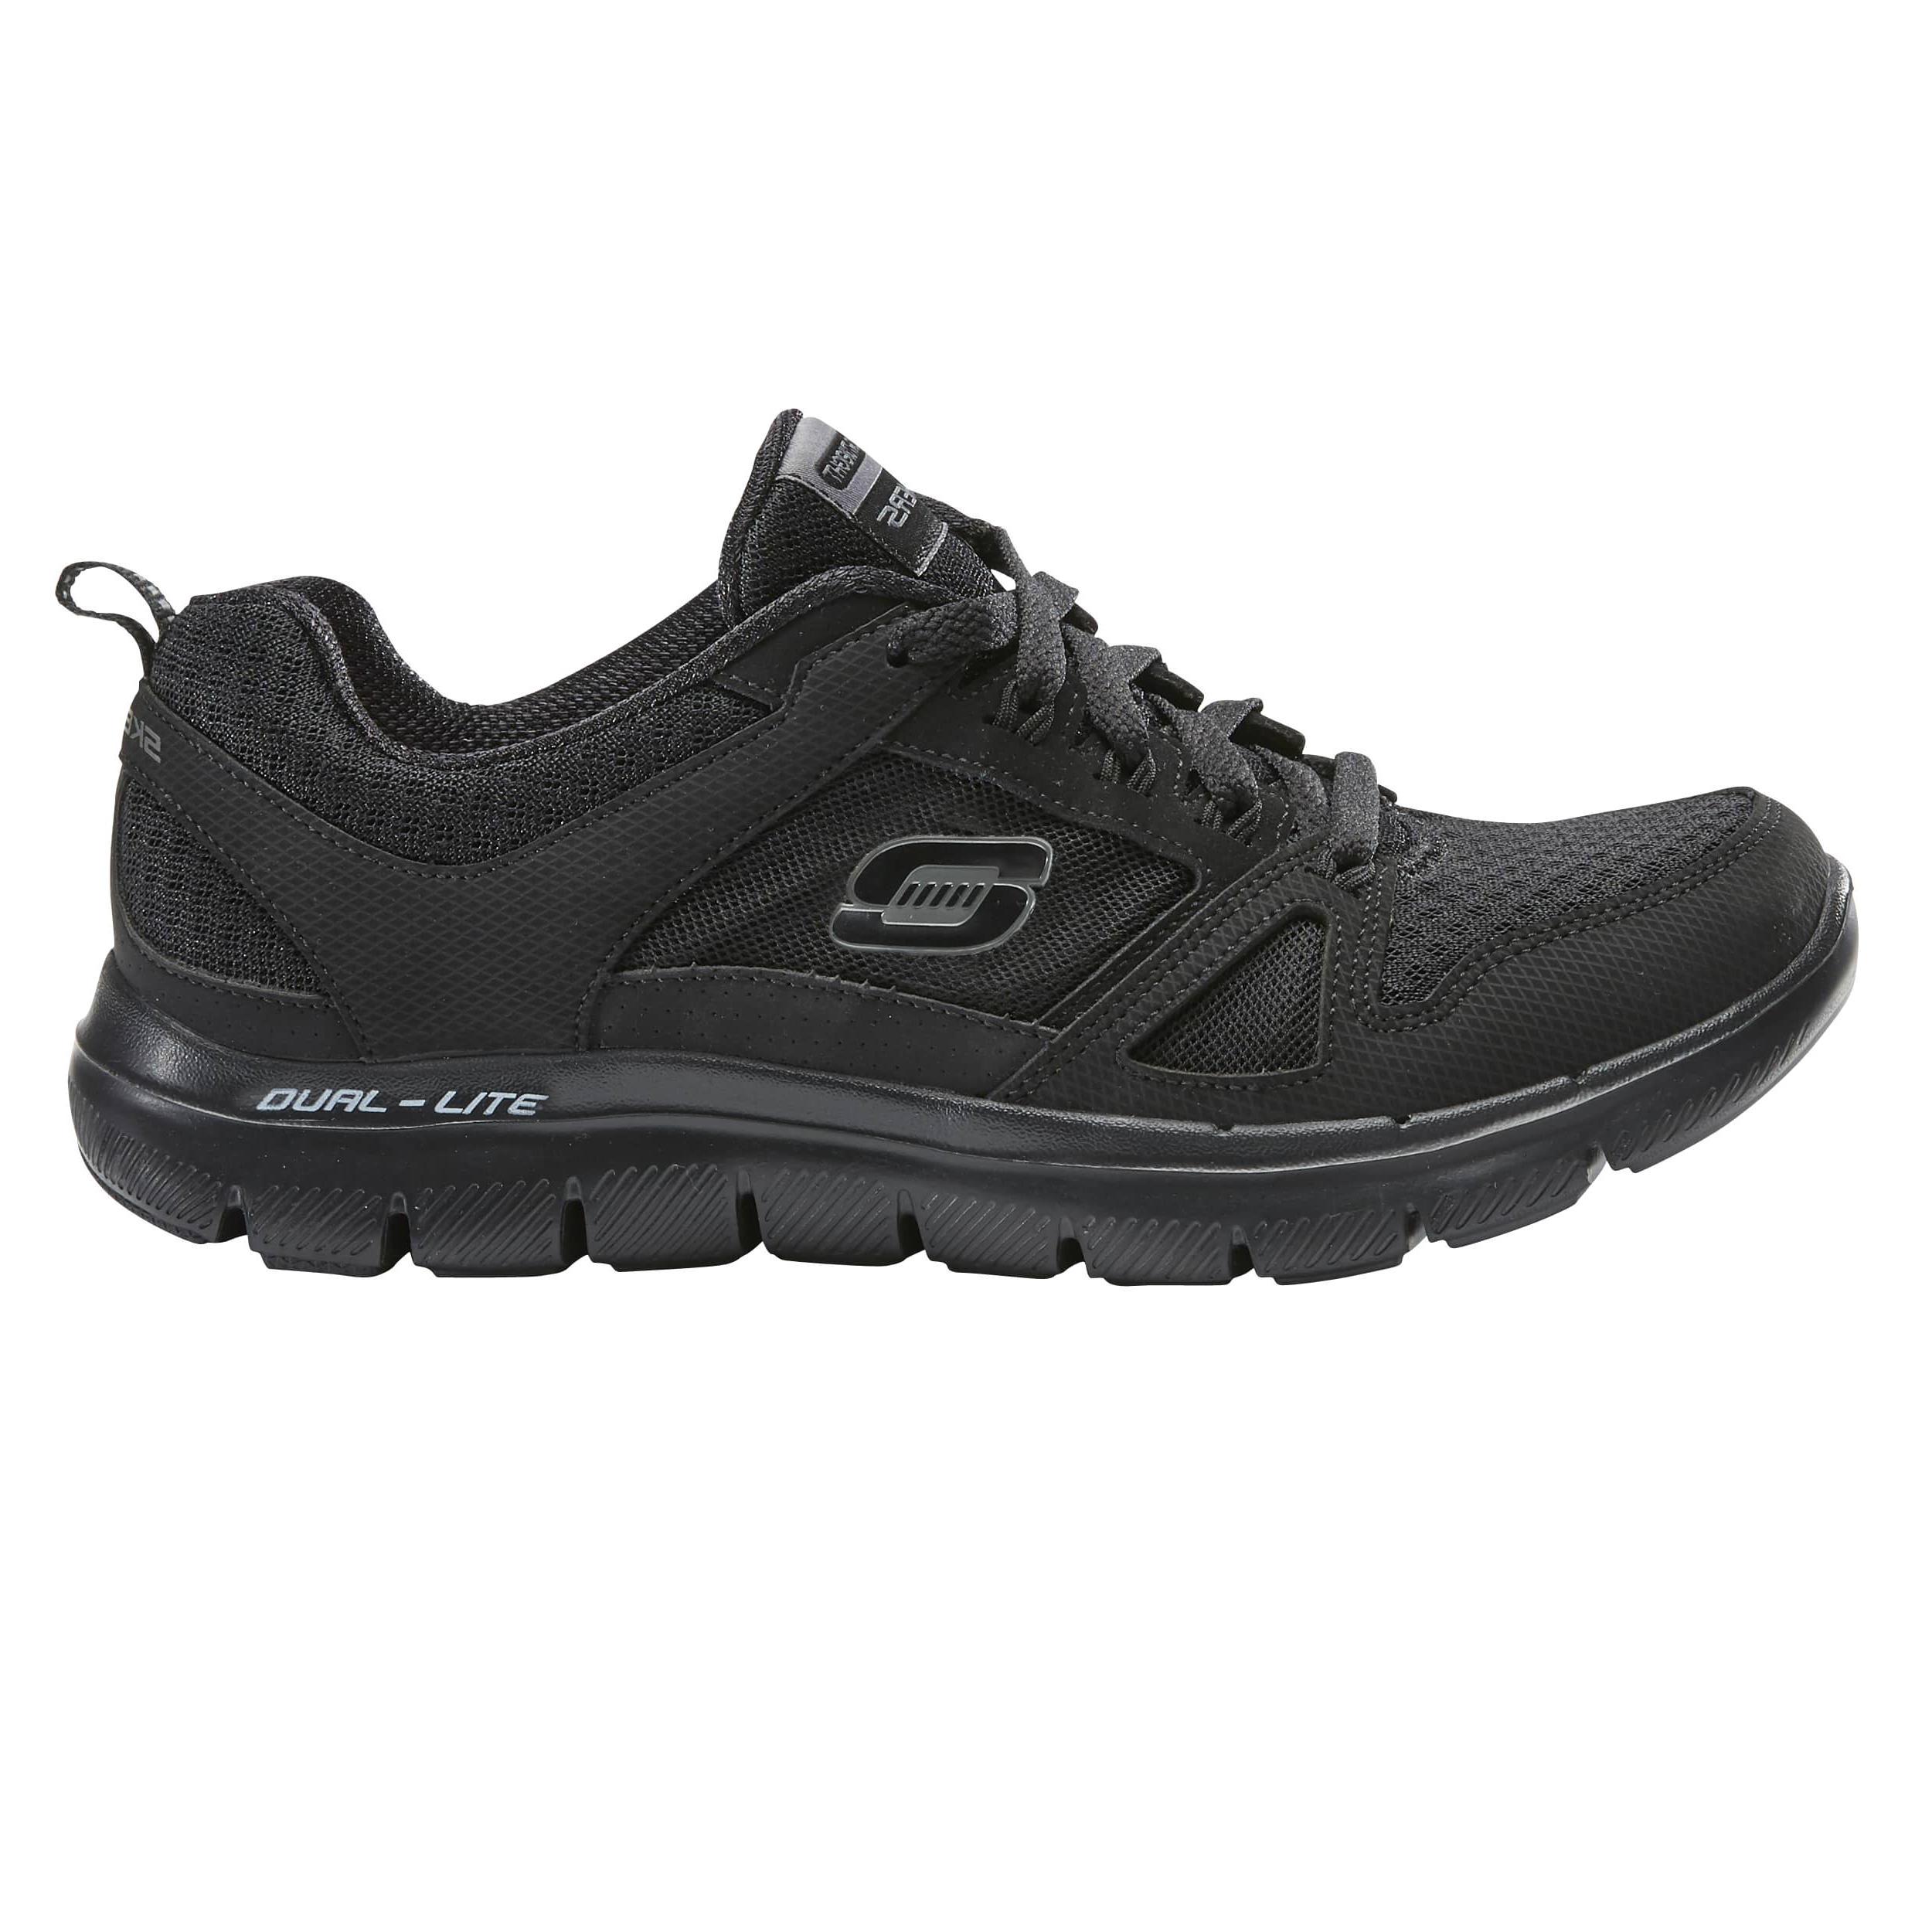 e20657b69a1 Comprar Zapatillas de Marcha Deportiva para Mujeres